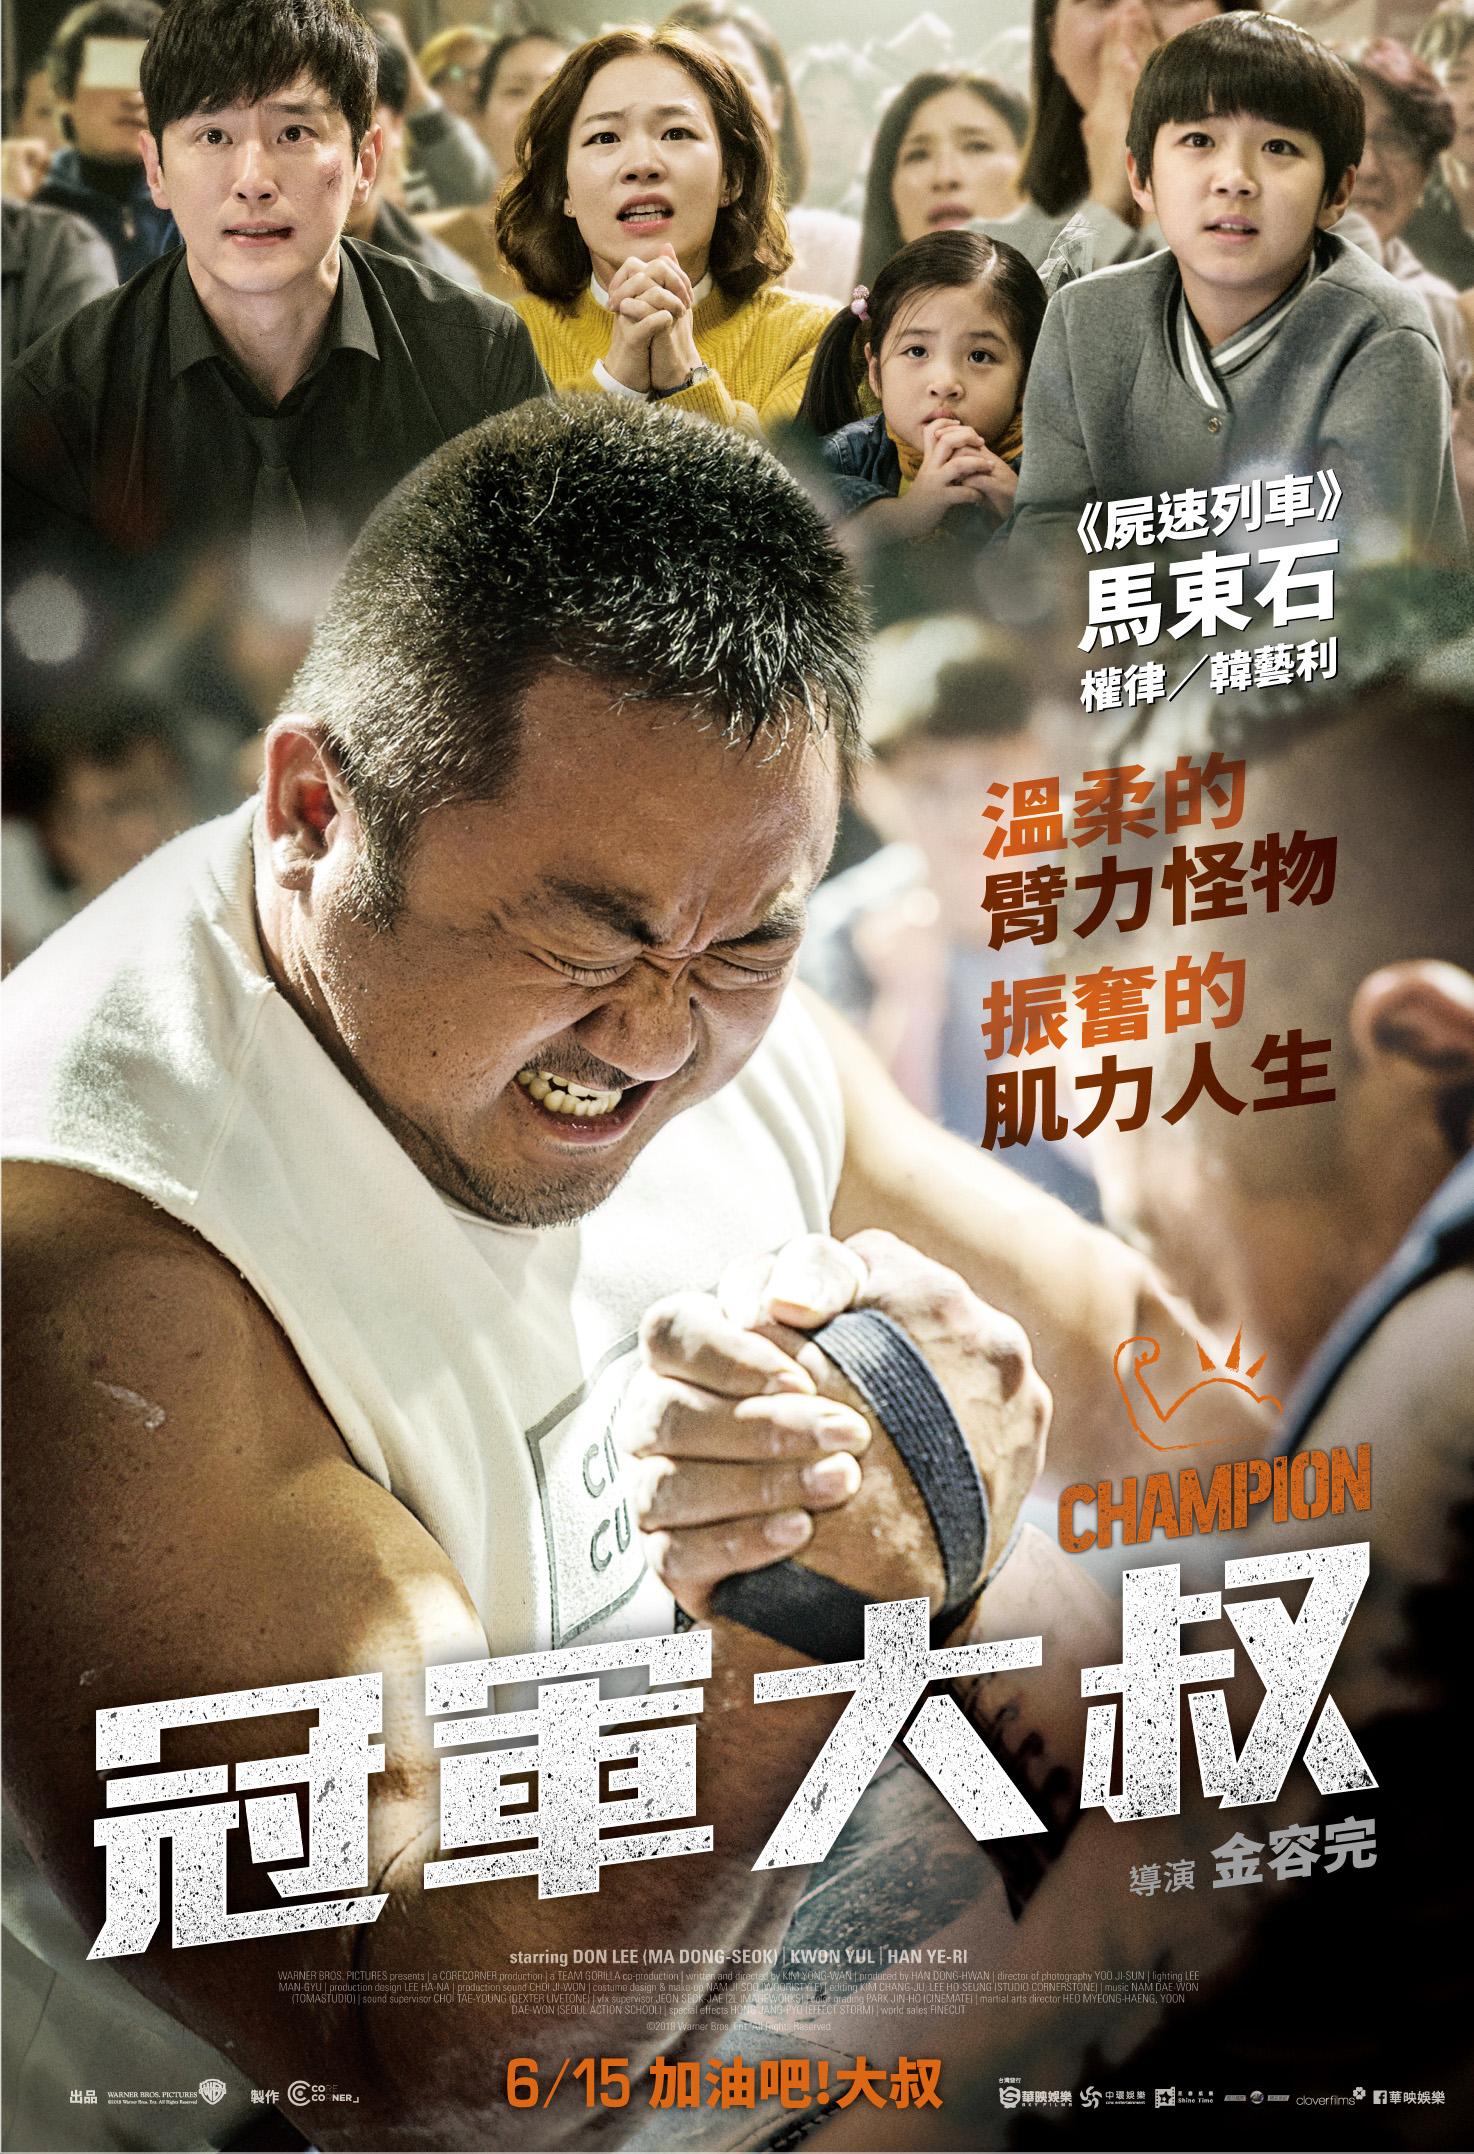 馬東錫 主演的 韓國 熱血 感人 電影 《 冠軍大叔 》正式版 海報